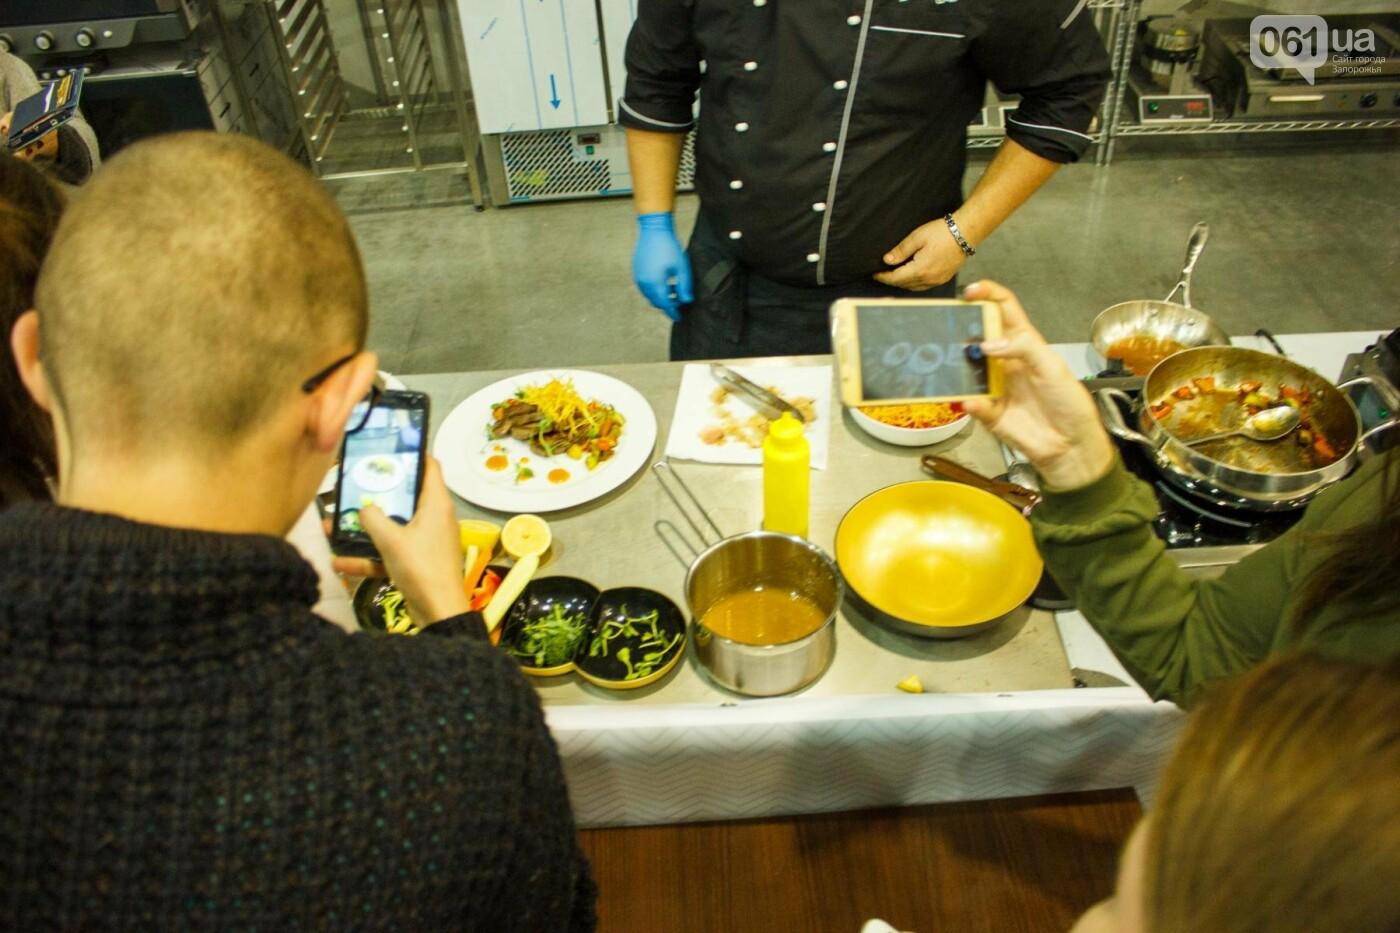 Шеф-повара запорожских ресторанов провели мастер-класс для горожан: как это было, - ФОТОРЕПОРТАЖ, фото-57